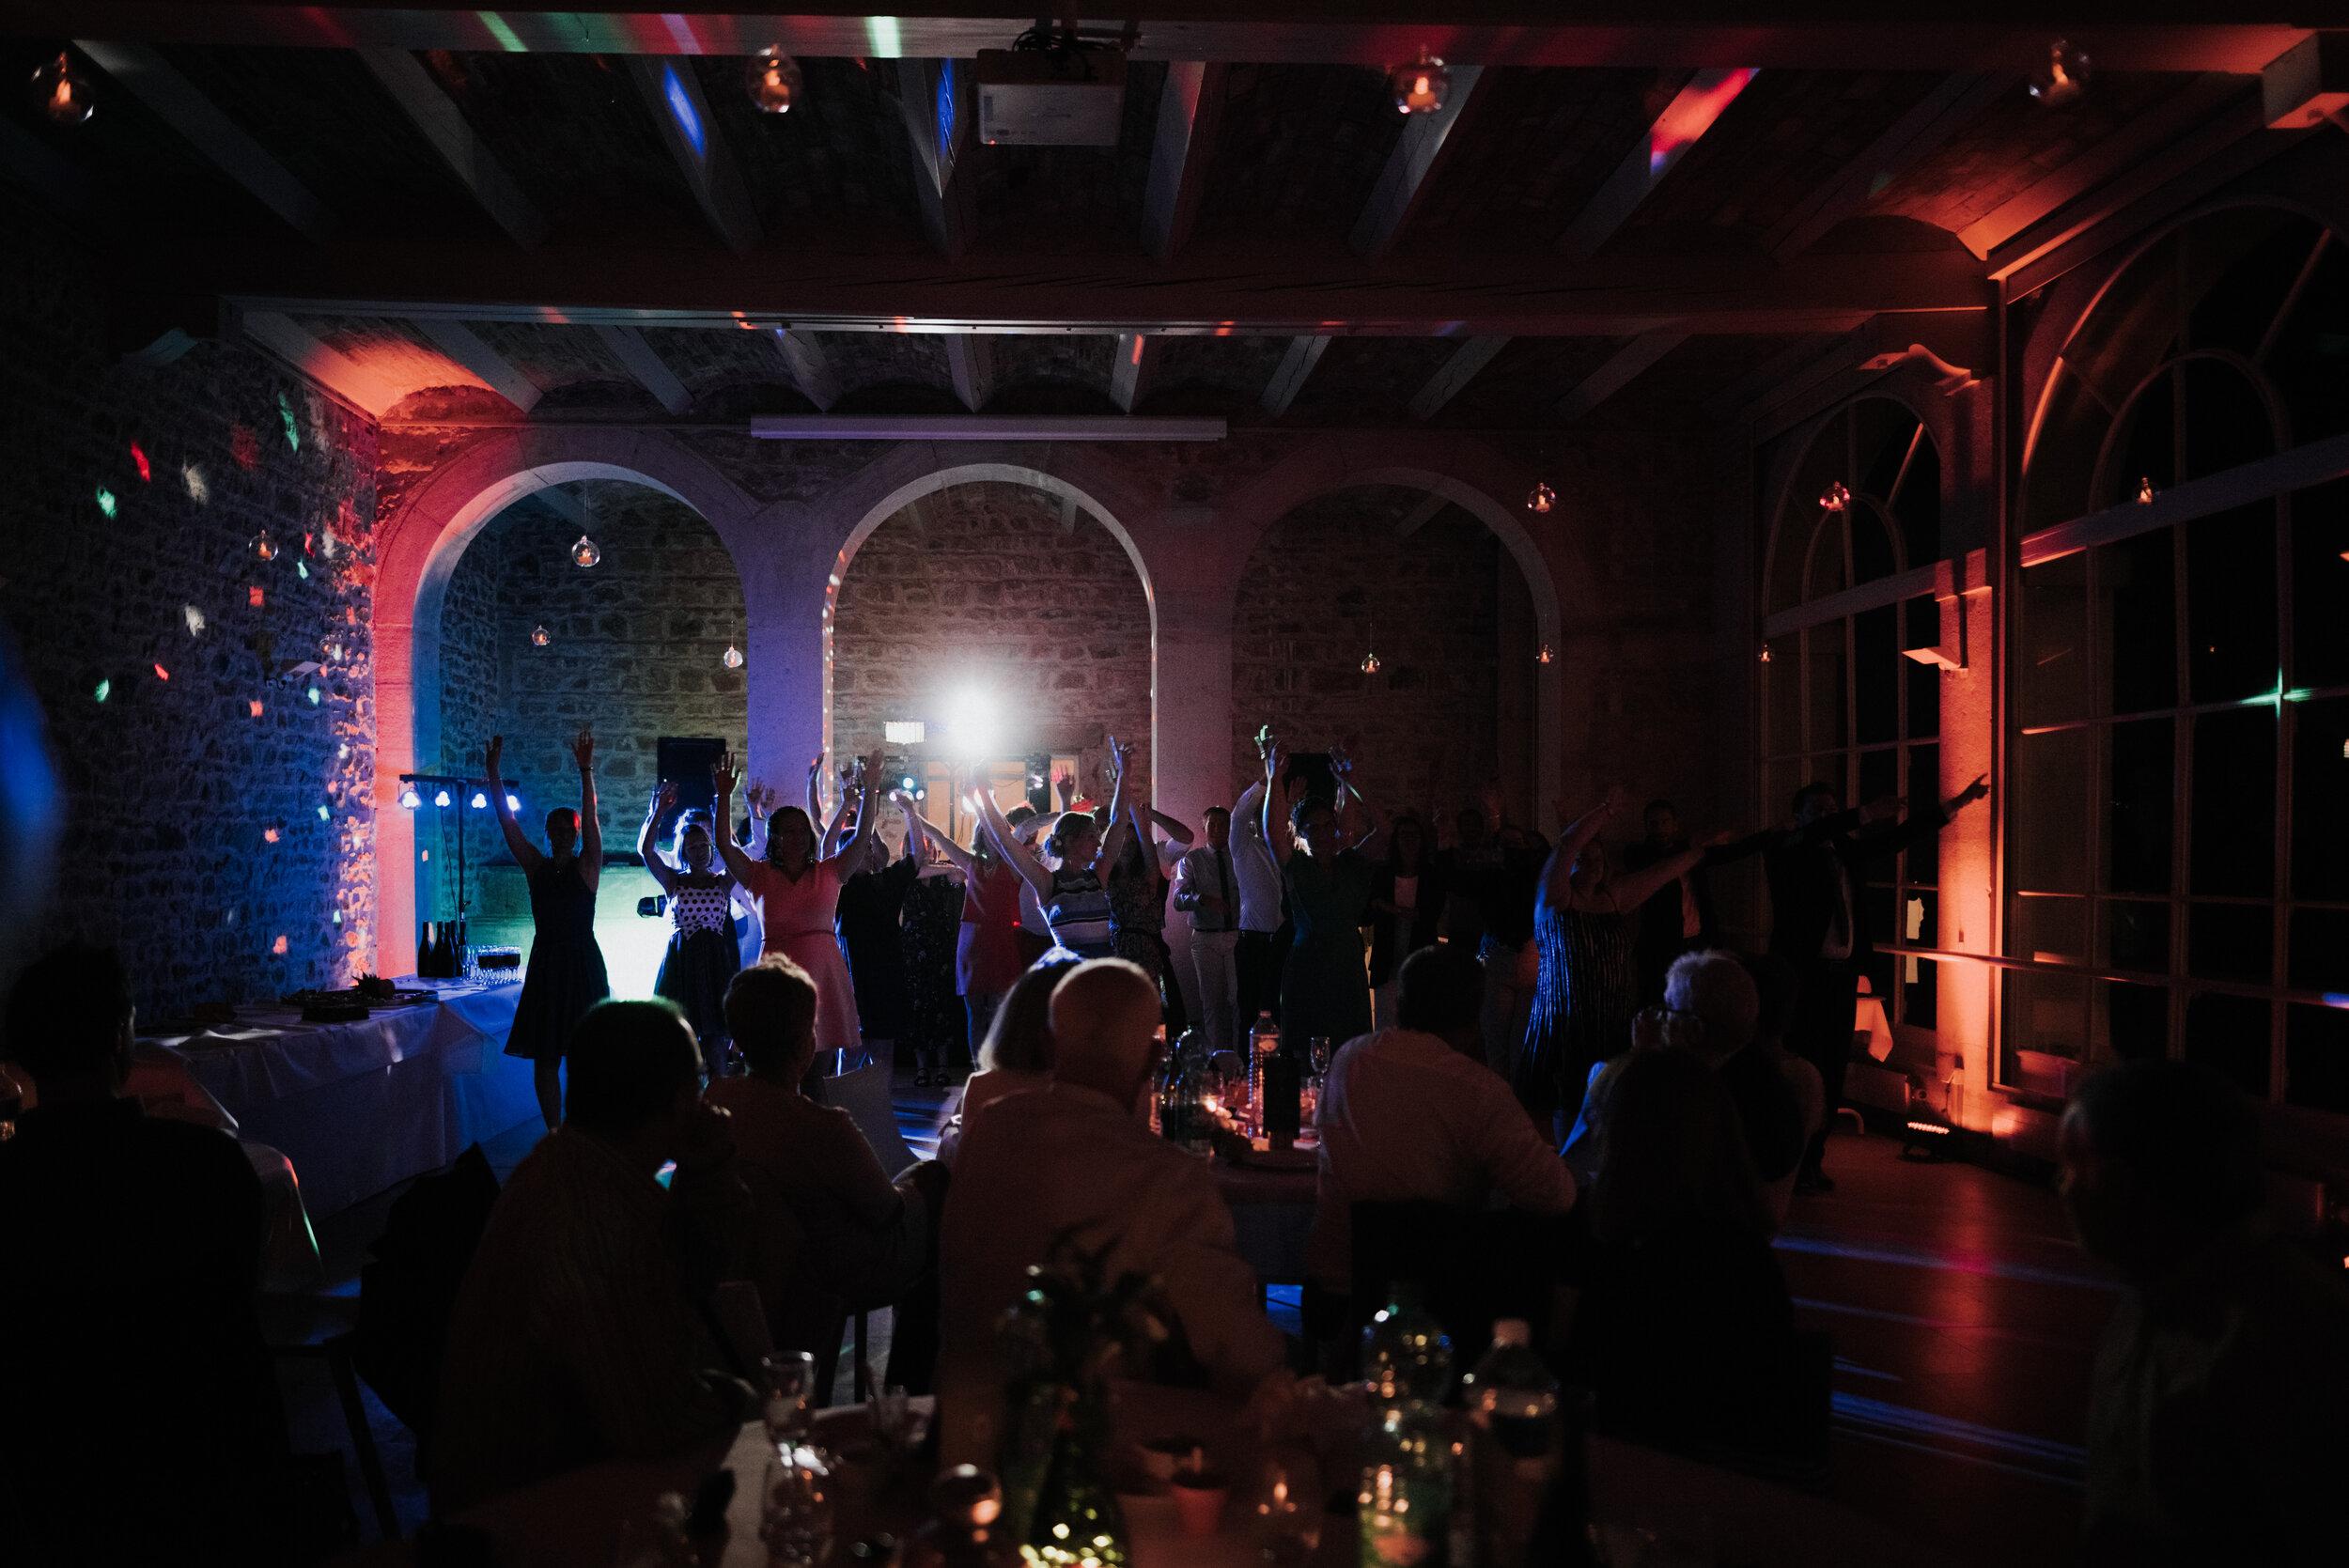 Léa-Fery-photographe-professionnel-lyon-rhone-alpes-portrait-creation-mariage-evenement-evenementiel-famille--258.jpg